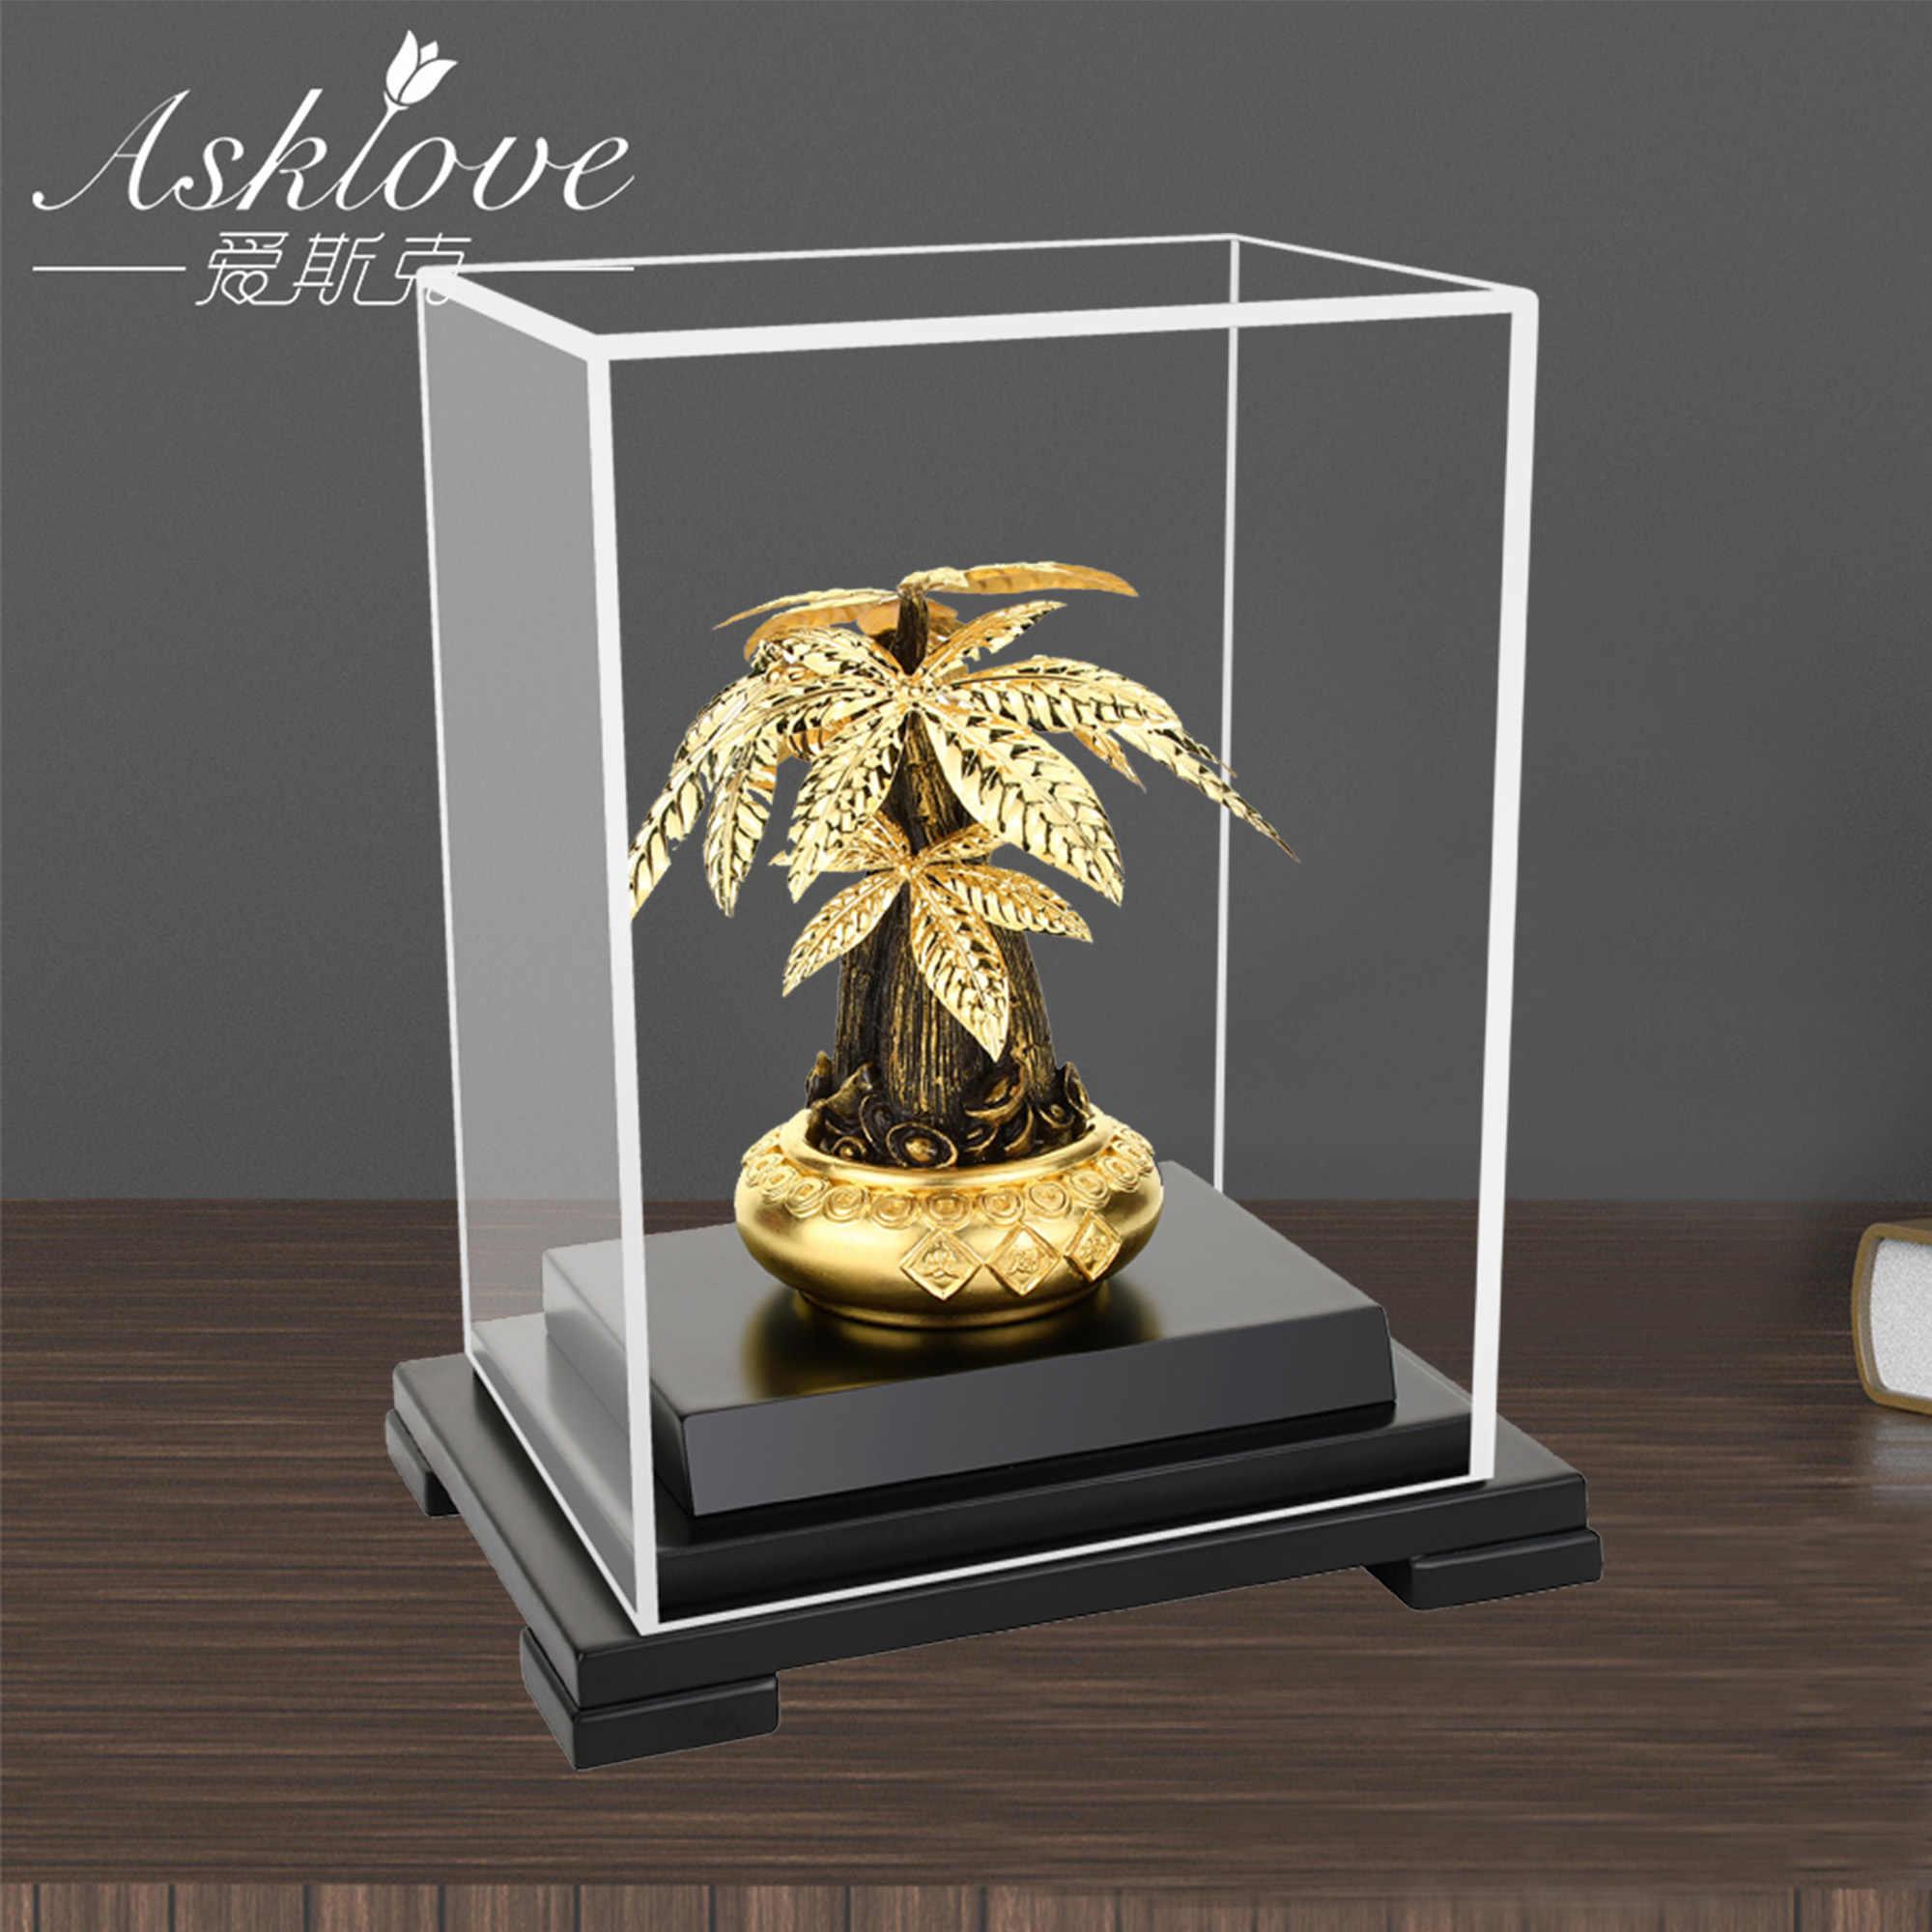 Goud Fortuin Boom Bonsai 24K Goud Folie Ambachten Feng Shui Verzamel Wealth Ornament Geld Boom Standbeeld Home Office Decor 17X13.5X22CM